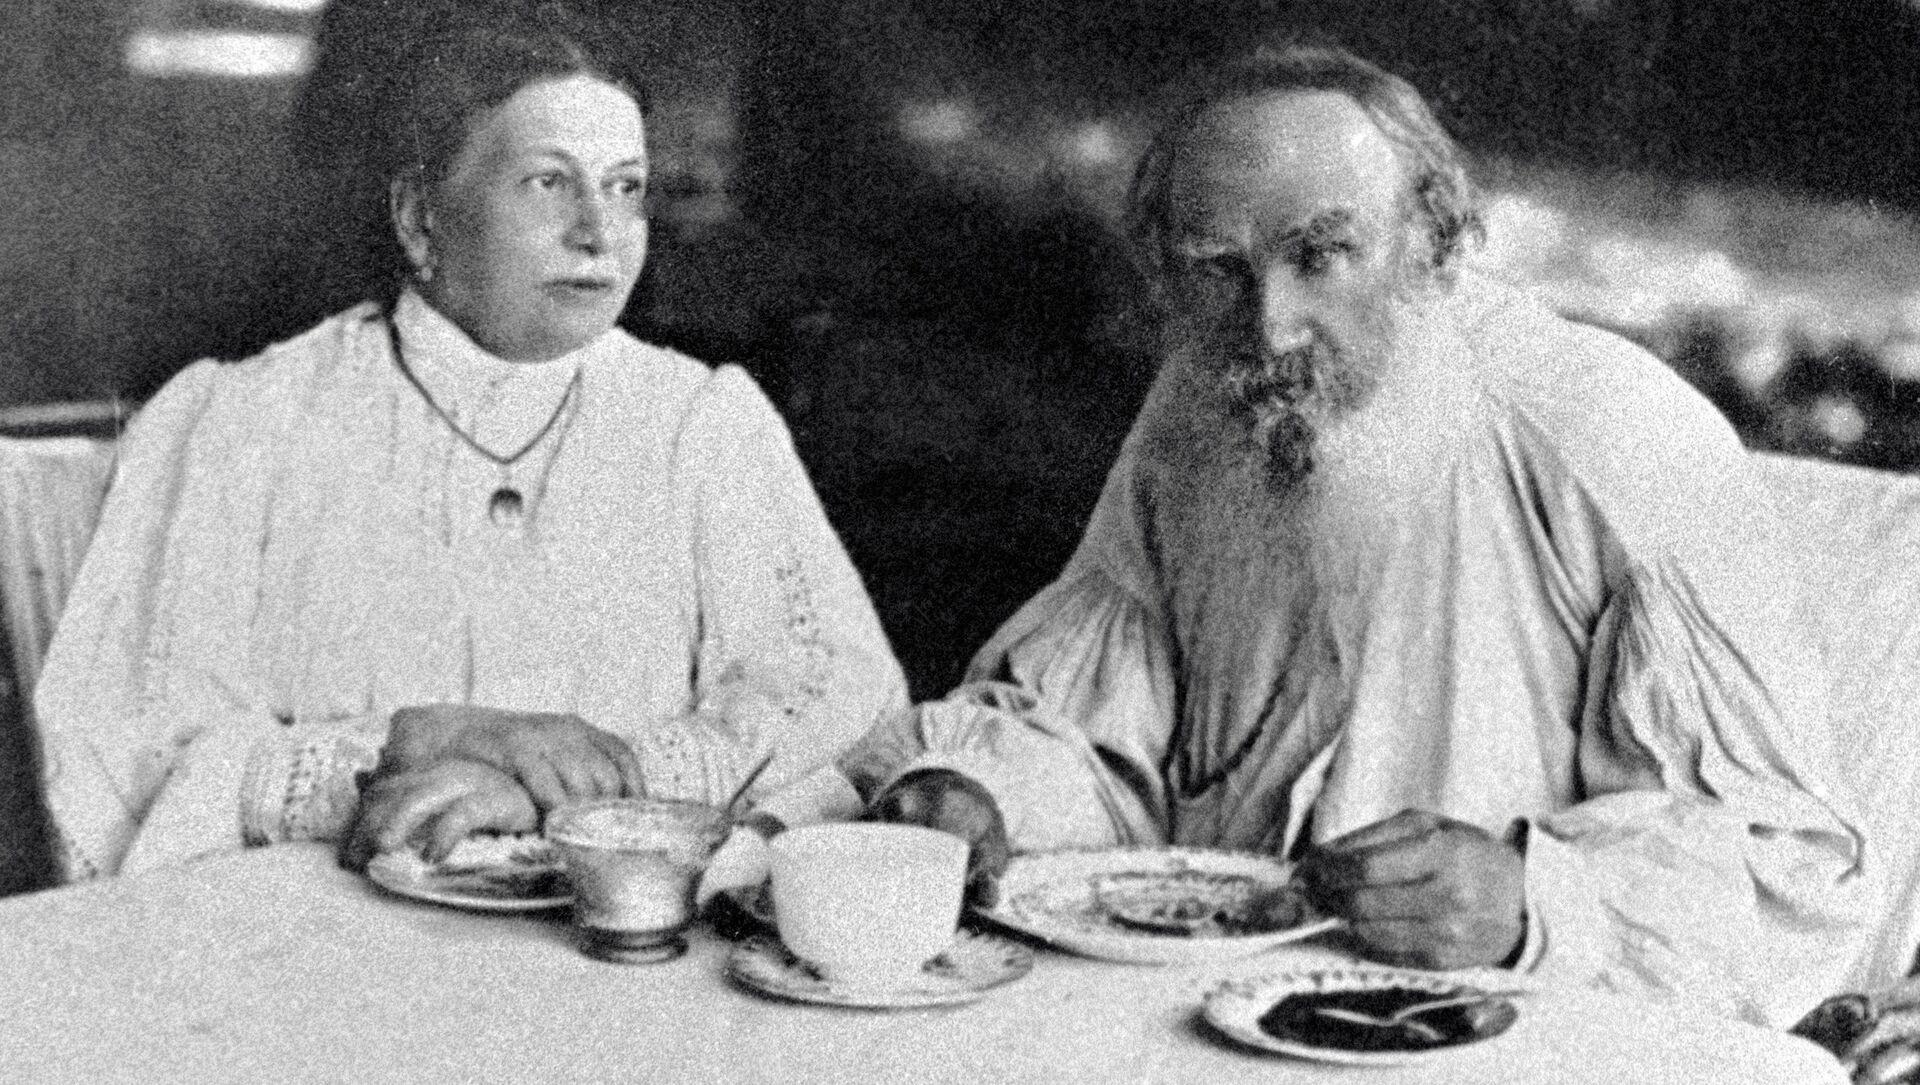 León Tolstói, escritor ruso, con su esposa Sofía - Sputnik Mundo, 1920, 20.11.2020